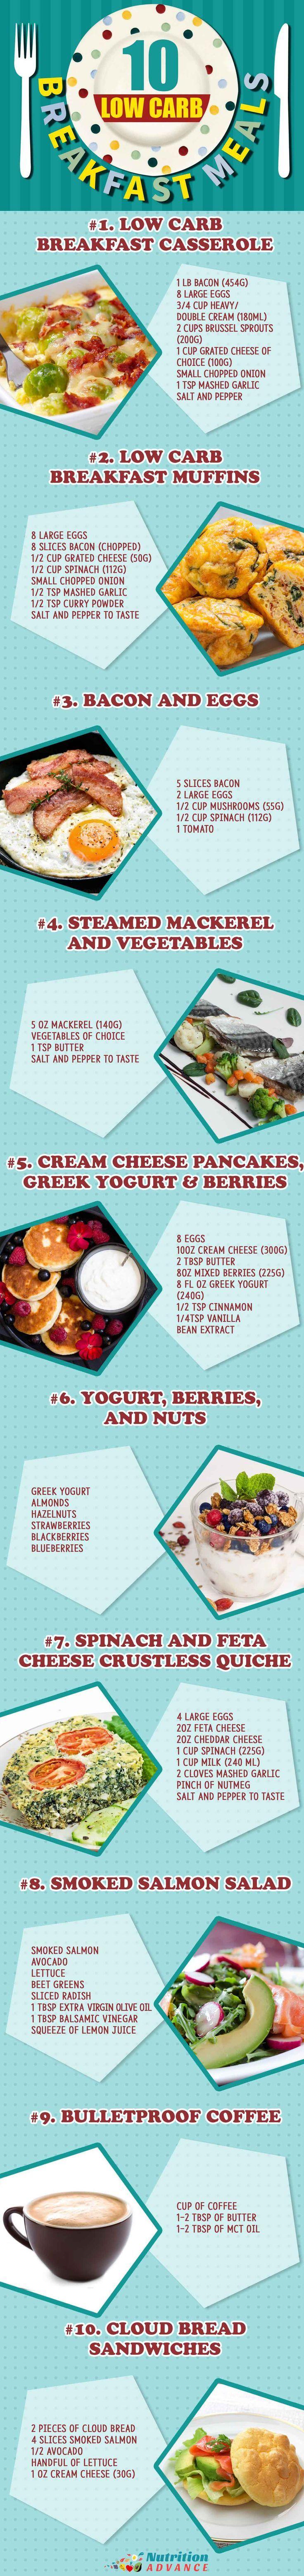 Best 25+ No sugar diet ideas on Pinterest | No sugar ...